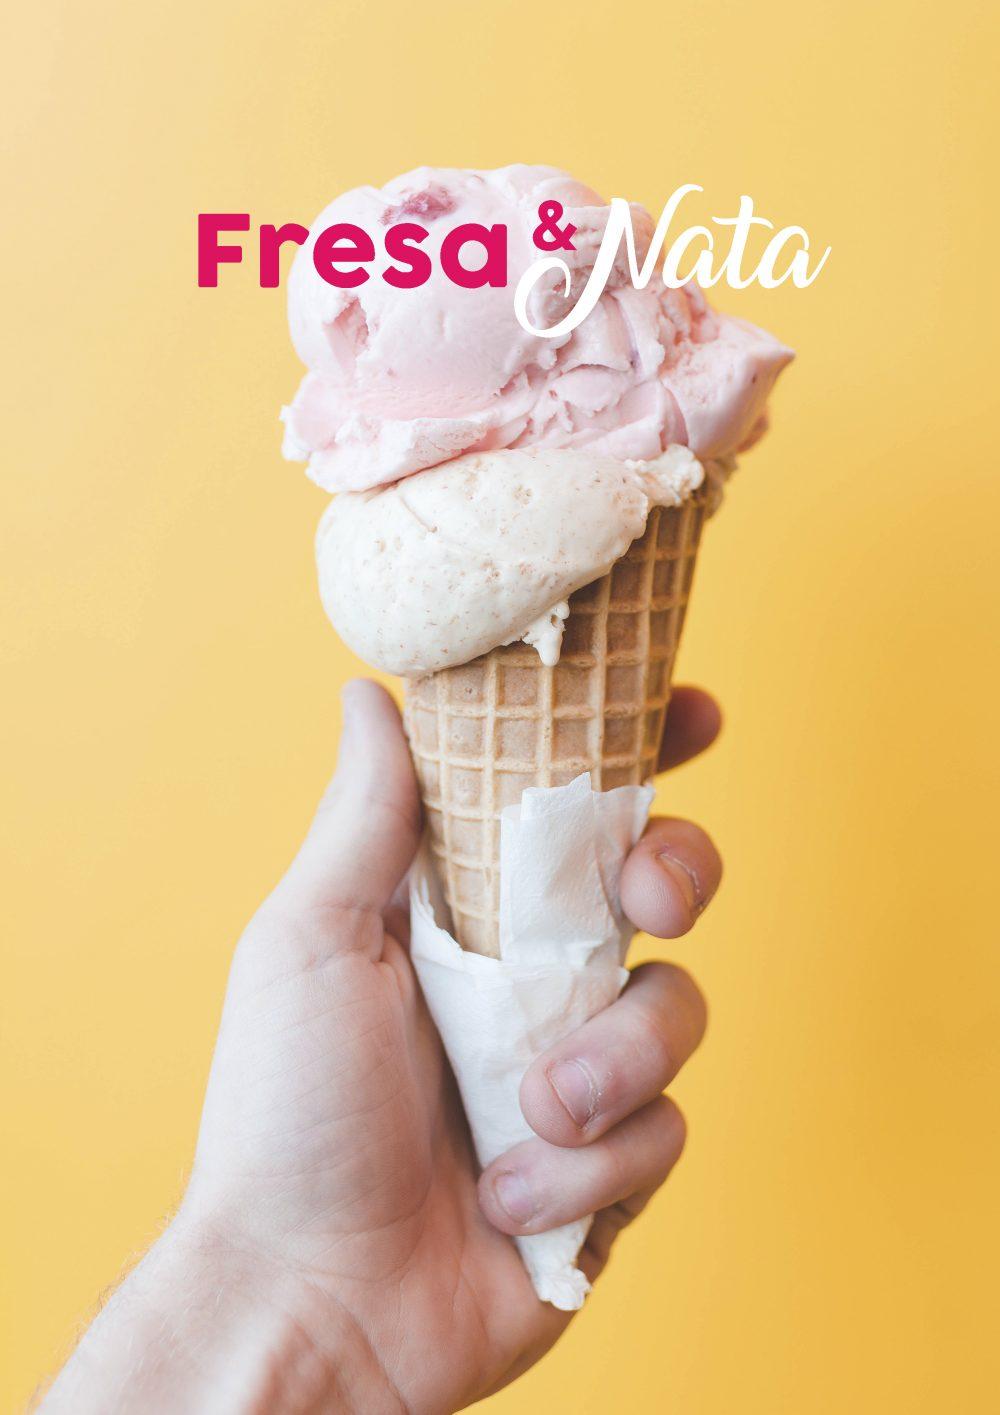 Imagen Fresa & Nata